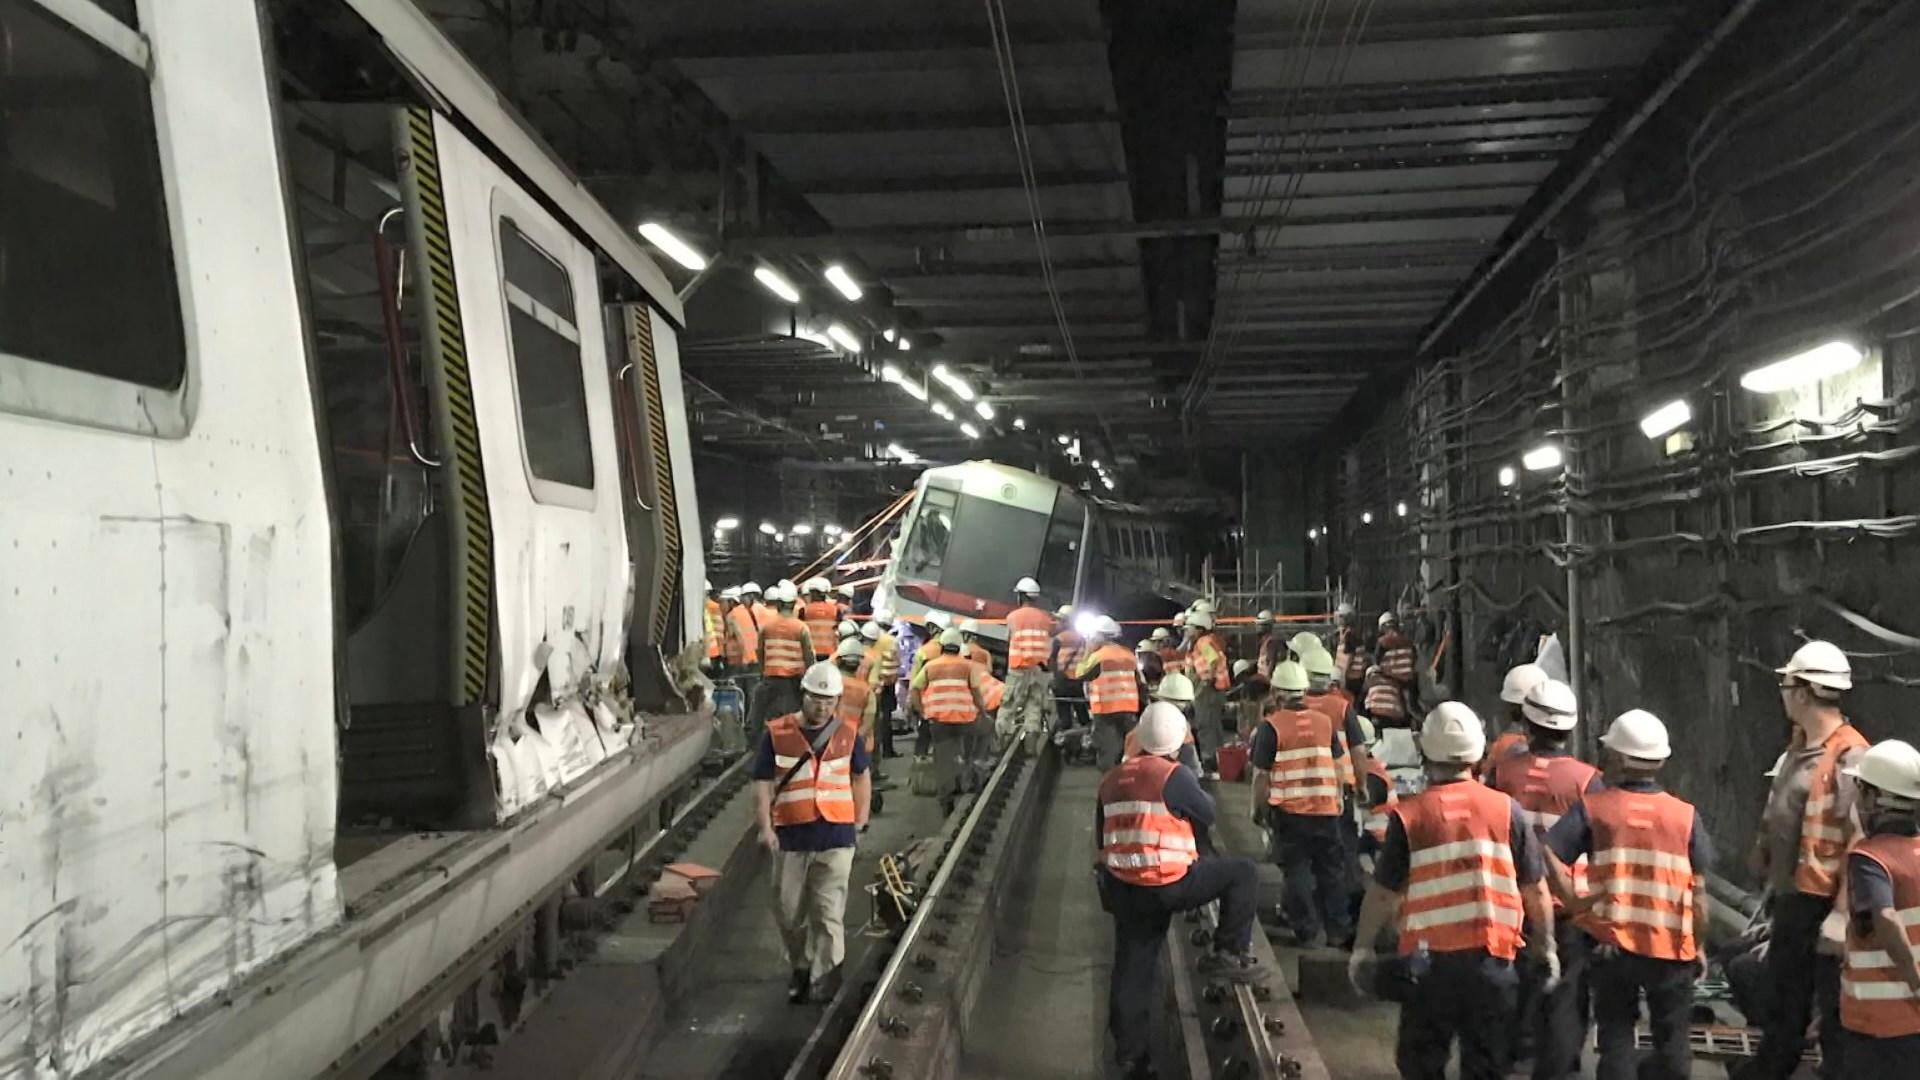 中環站列車相撞 港鐵指承辦商修改軟件有錯